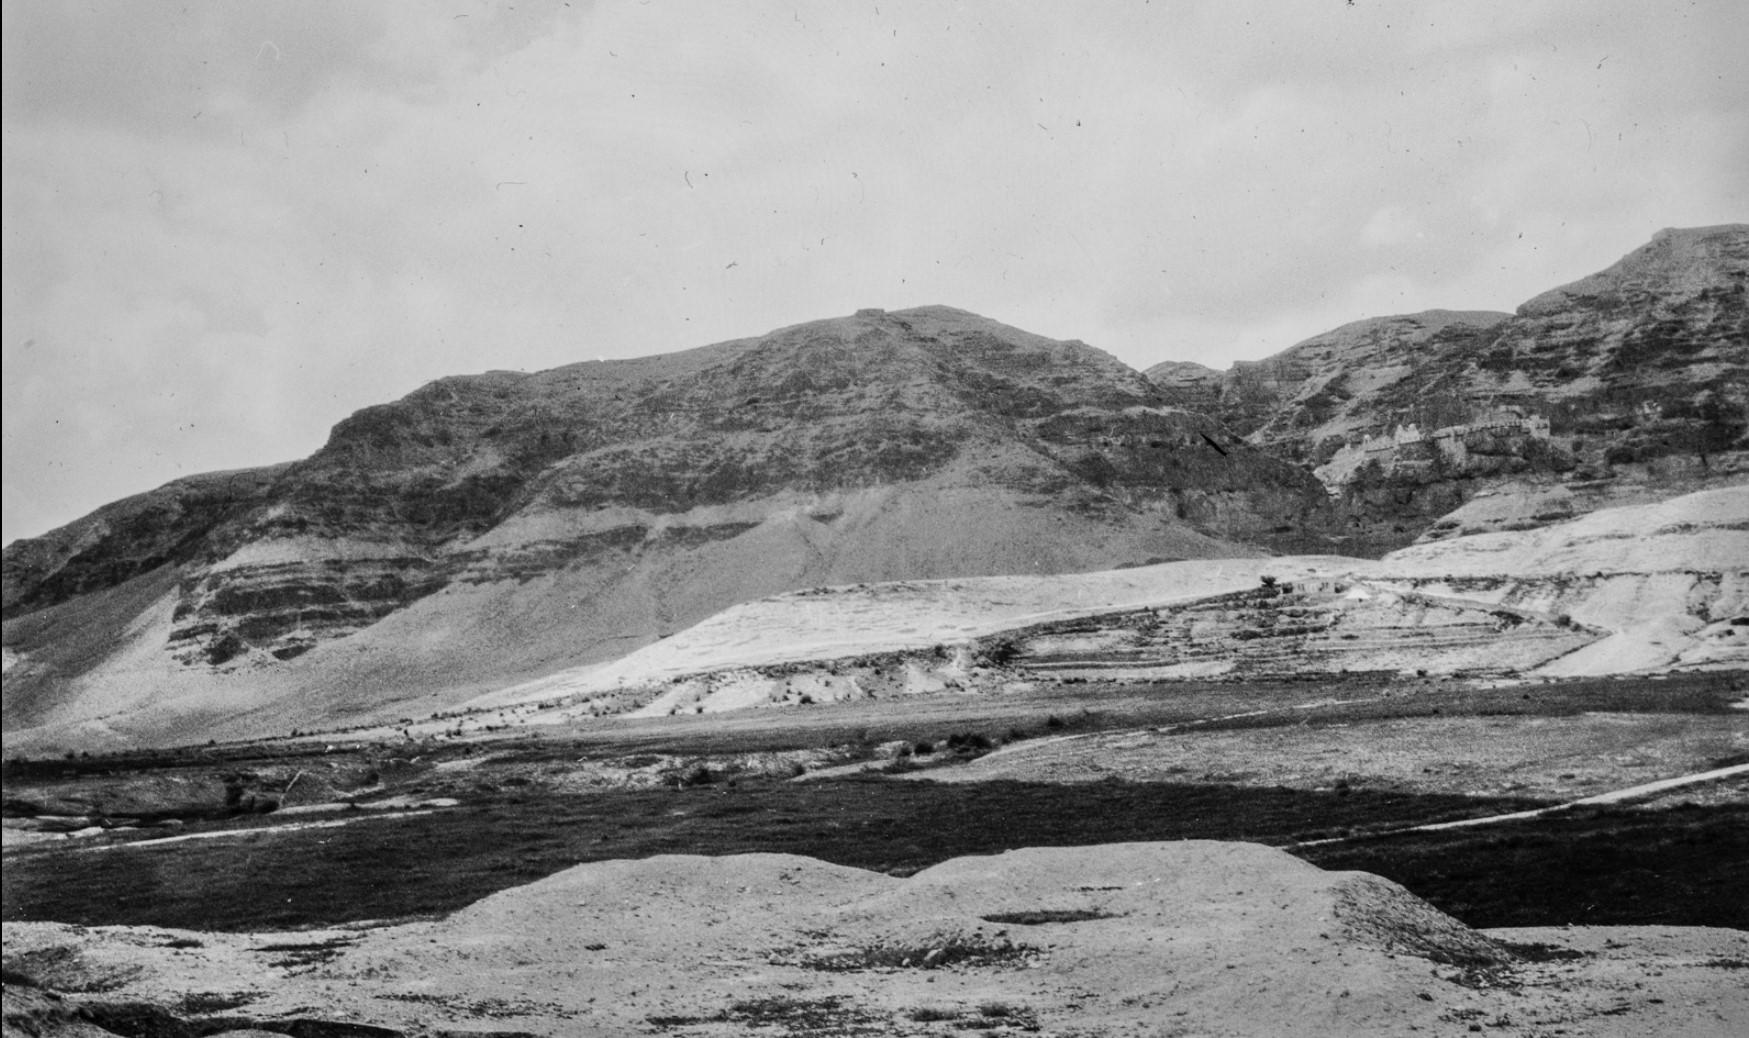 Вид Иудейской пустыни между Иерусалимом и Мертвым морем на Пасху 1929.